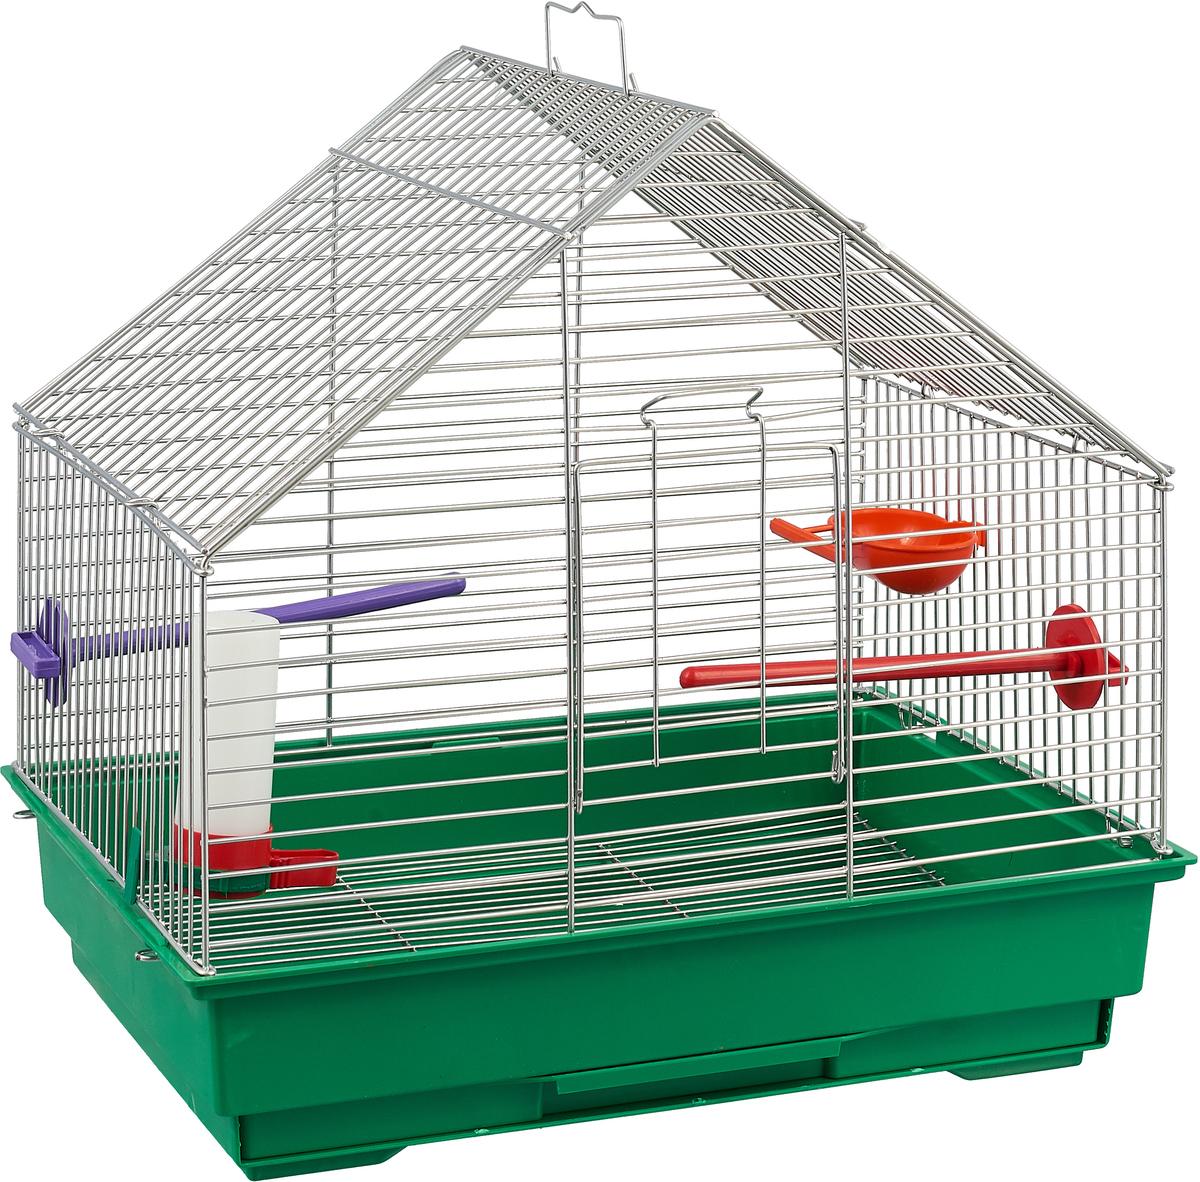 Клетка для птиц Велес Lusy Fly, разборная, цвет: зеленый, 30 х 42 х 40 см клетка для грызунов велес с полками цвет серый 40 х 58 х 45 см